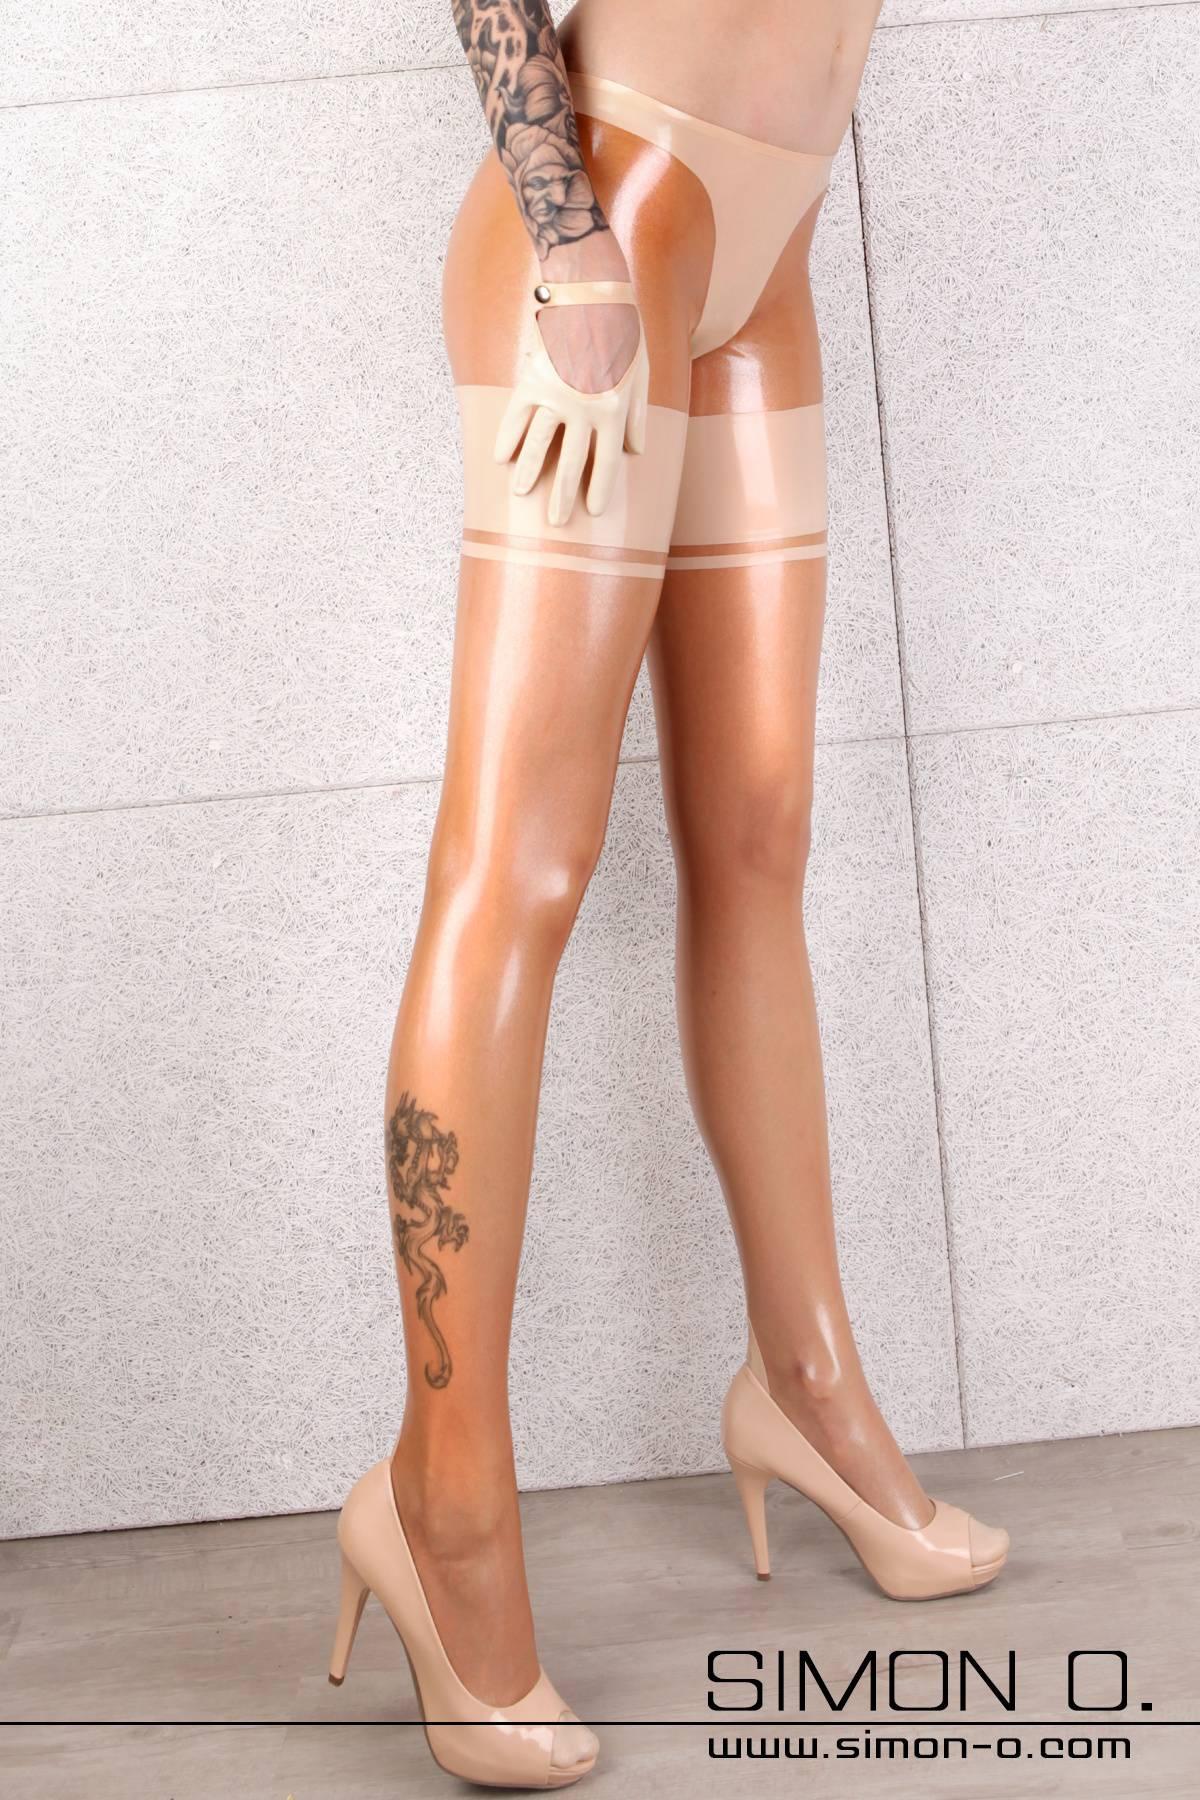 Hautenge Latex Strumpfhose mit Slipteil Diese Latex Strumpfhose wird aus feinen Latex hergestellt und hat eine sexy Strumpfoptik ohne das Problem zu haben …